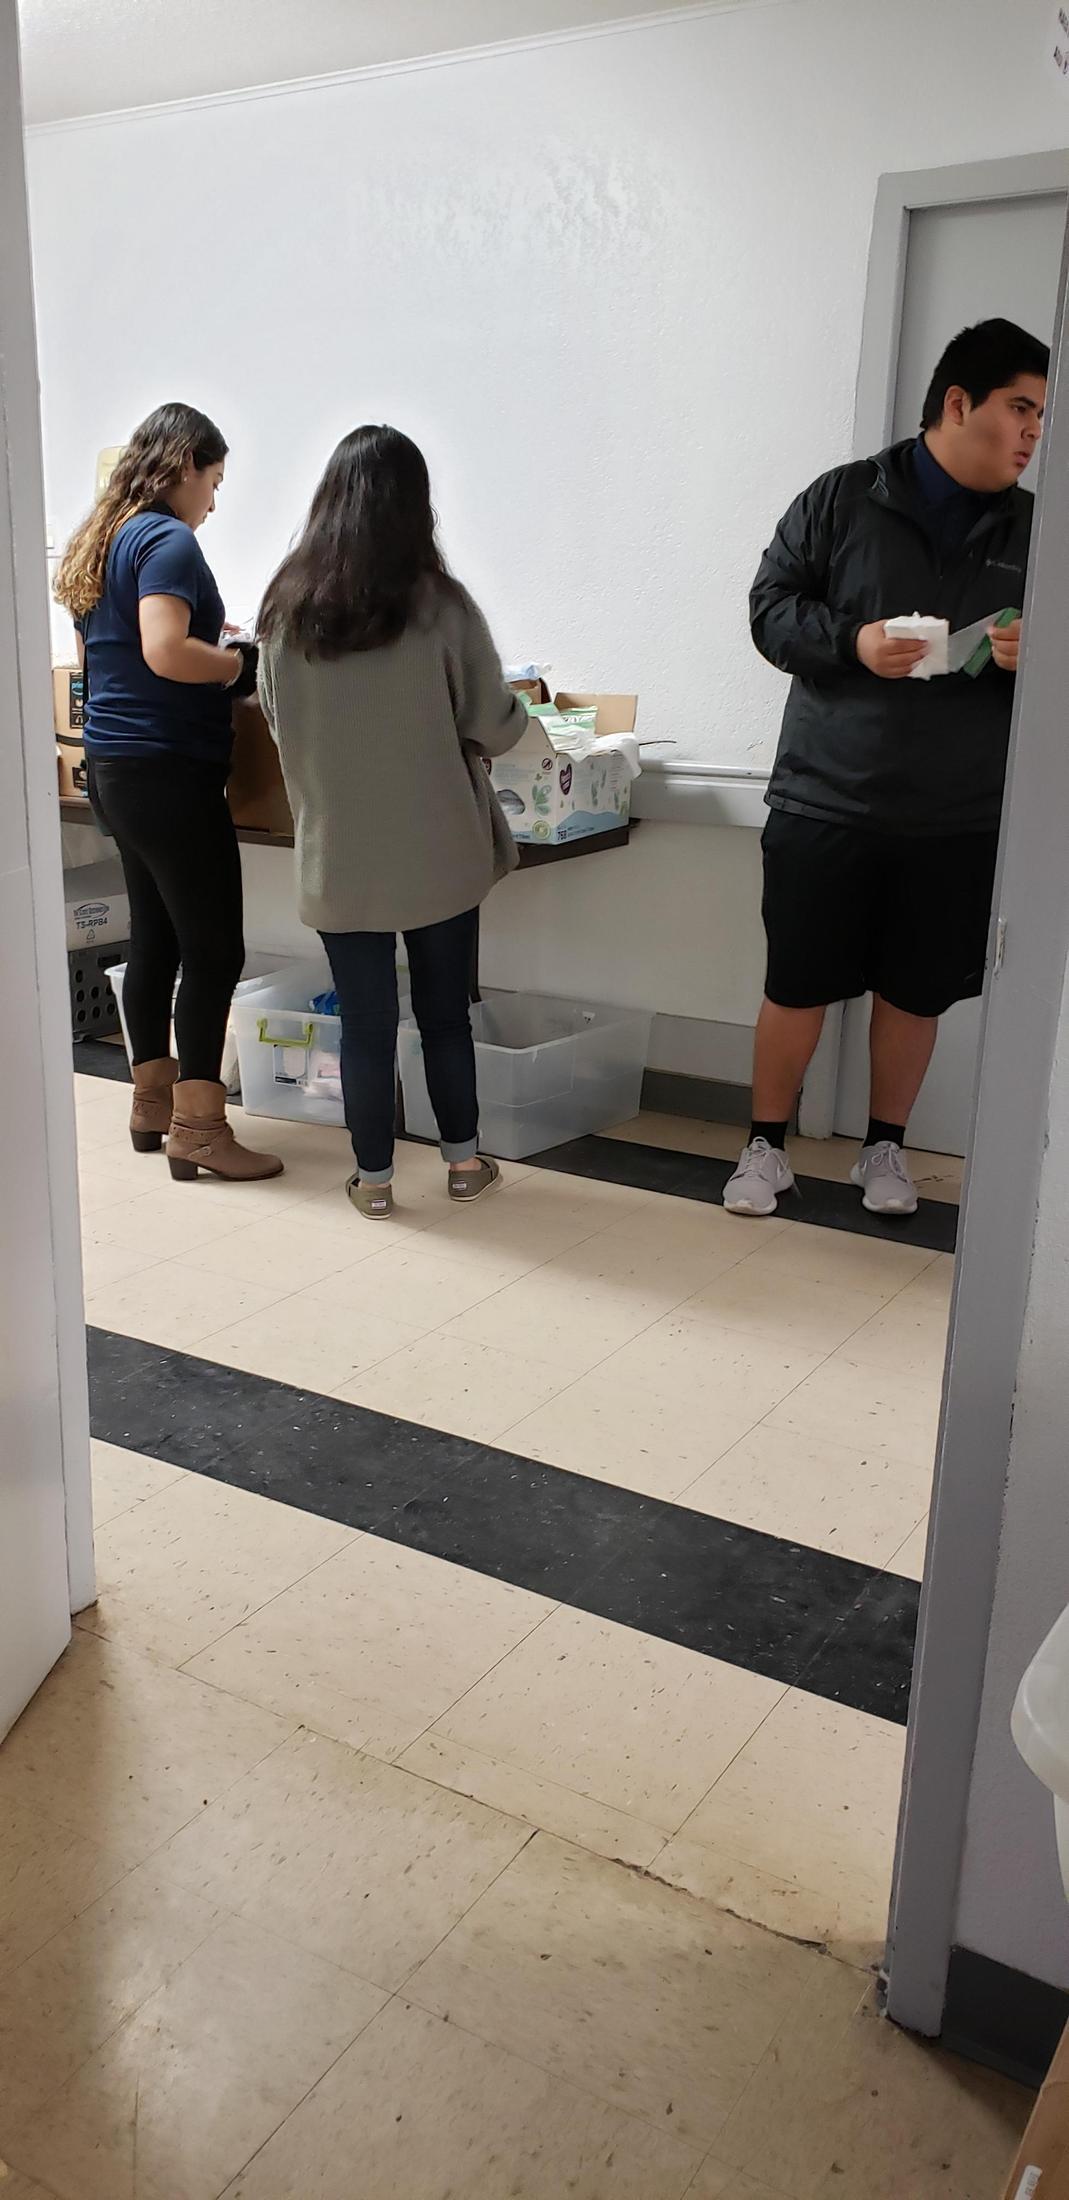 BPA at Catholic Charities Respite Center